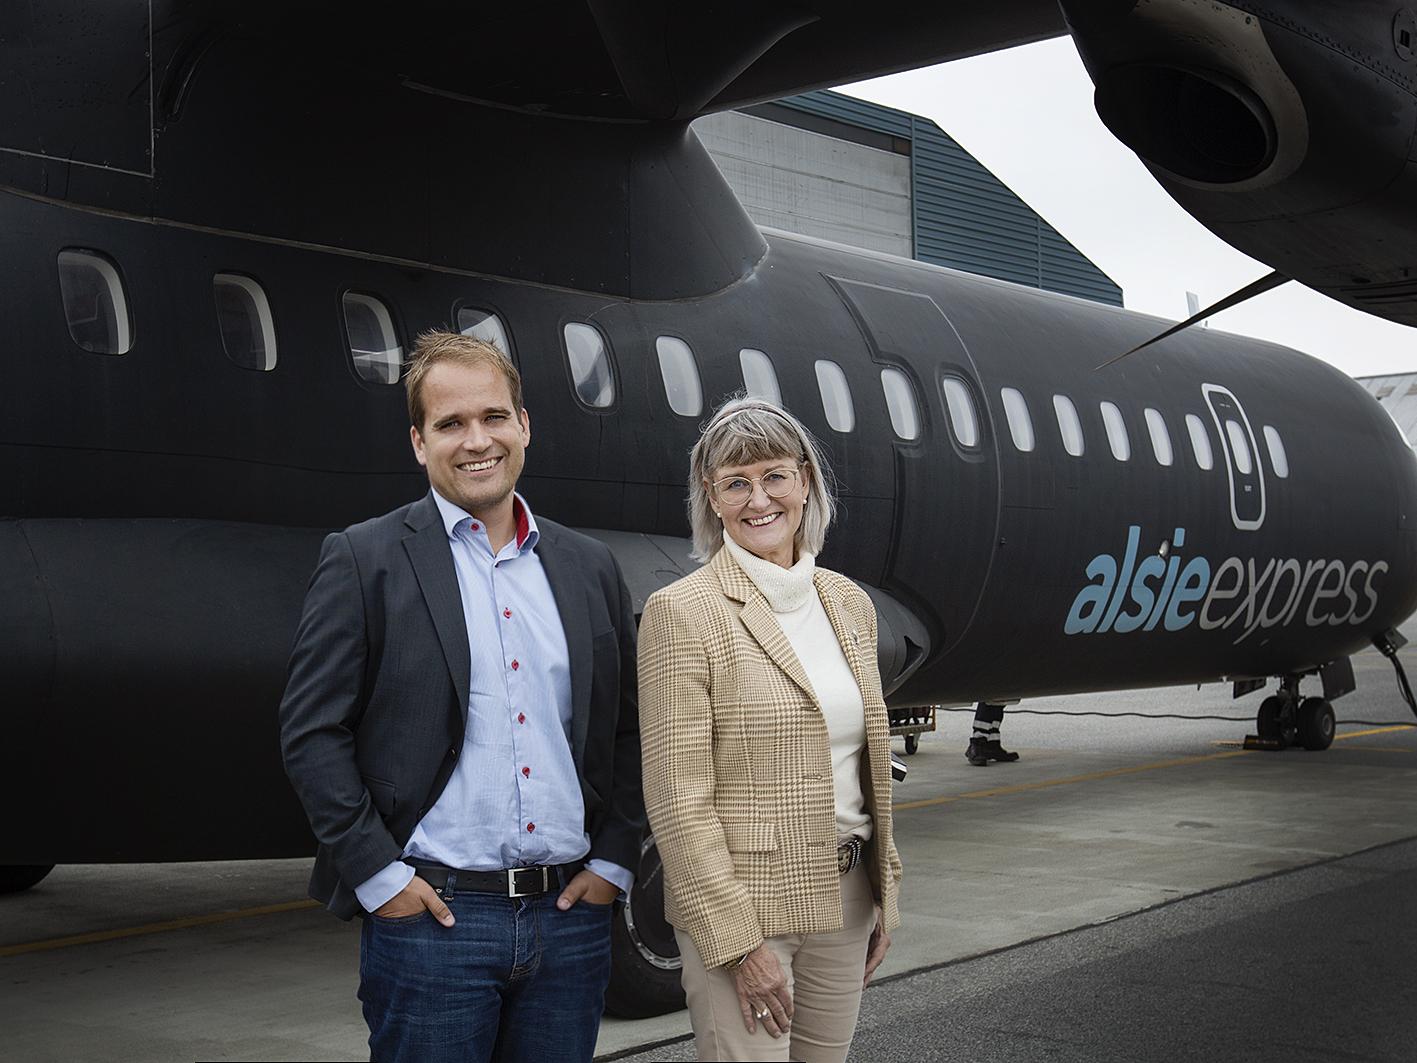 Den tiltrædende og den afgående administrerende direktør for Alsie Express, Dennis Rybasch og Lone Koch. Selskabet har i dag to fly af typen ATR 72-500 – og får efter planen det tredje næste år. Pressefoto: Alsie Express.